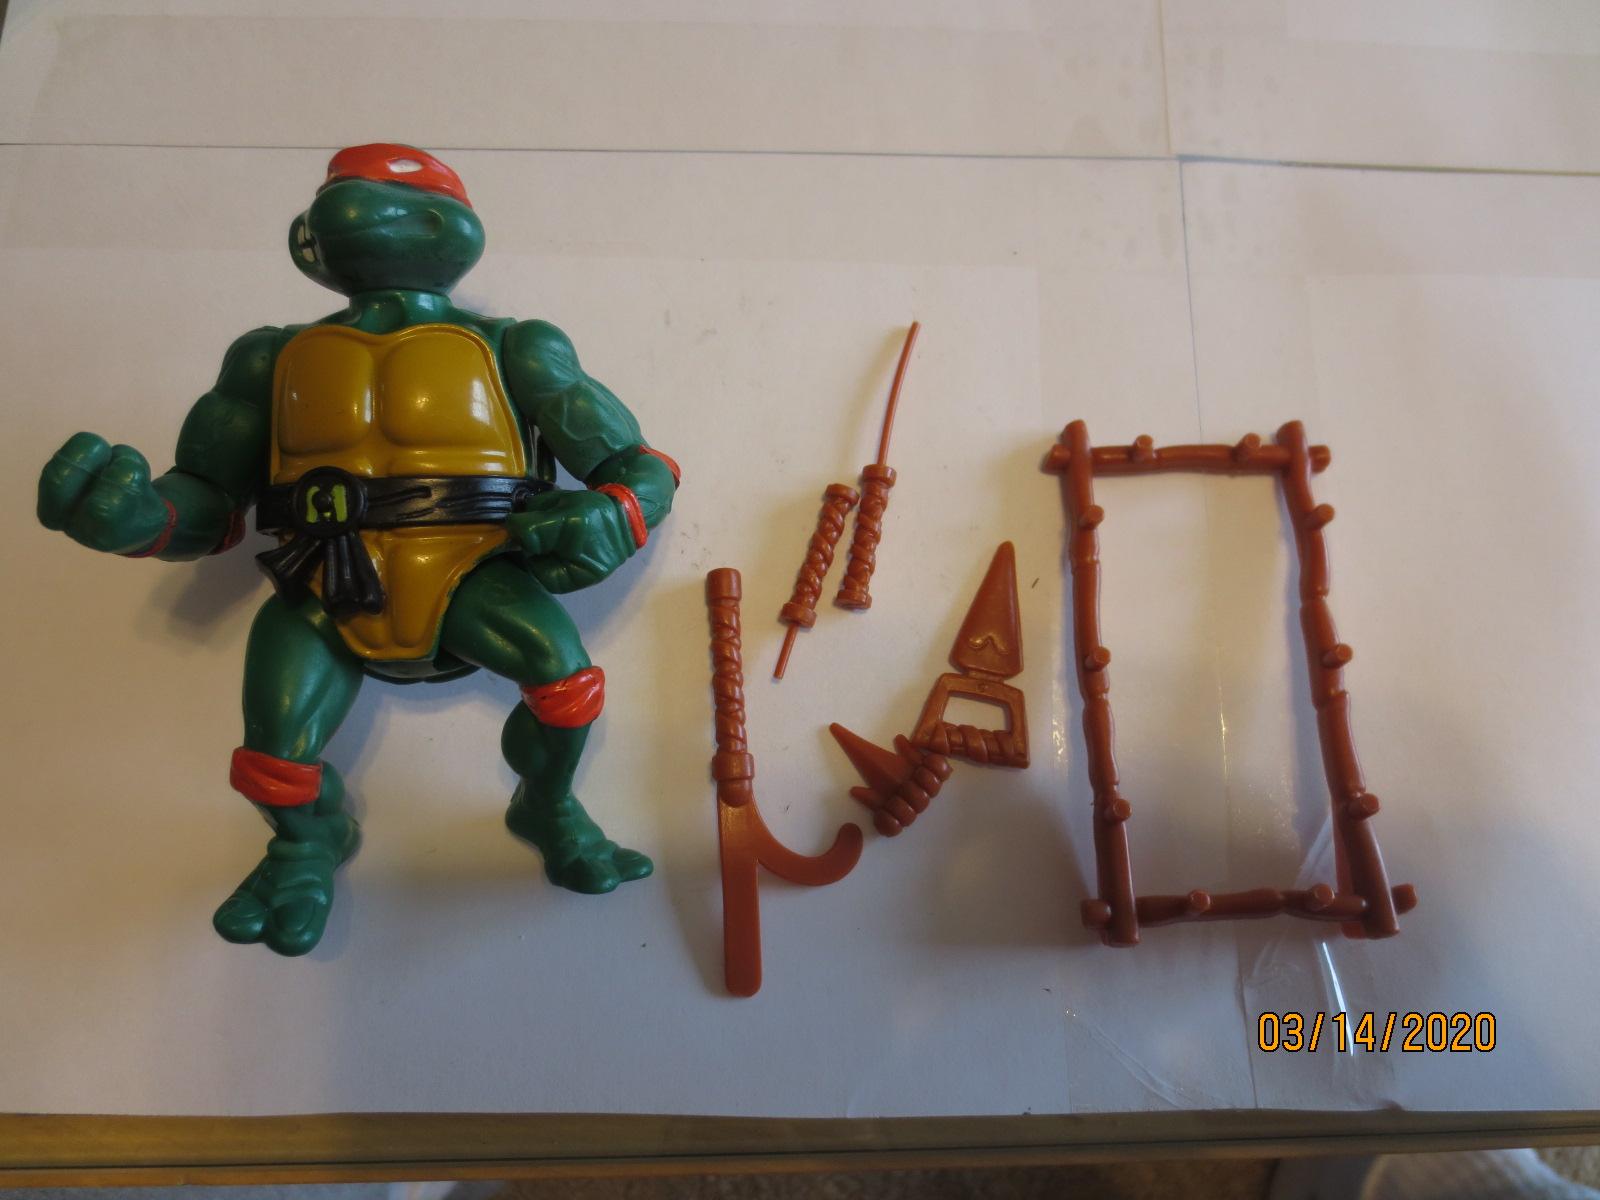 1988 Belt Accessory Weapon Splinter TMNT Teenage Mutant Ninja Turtles